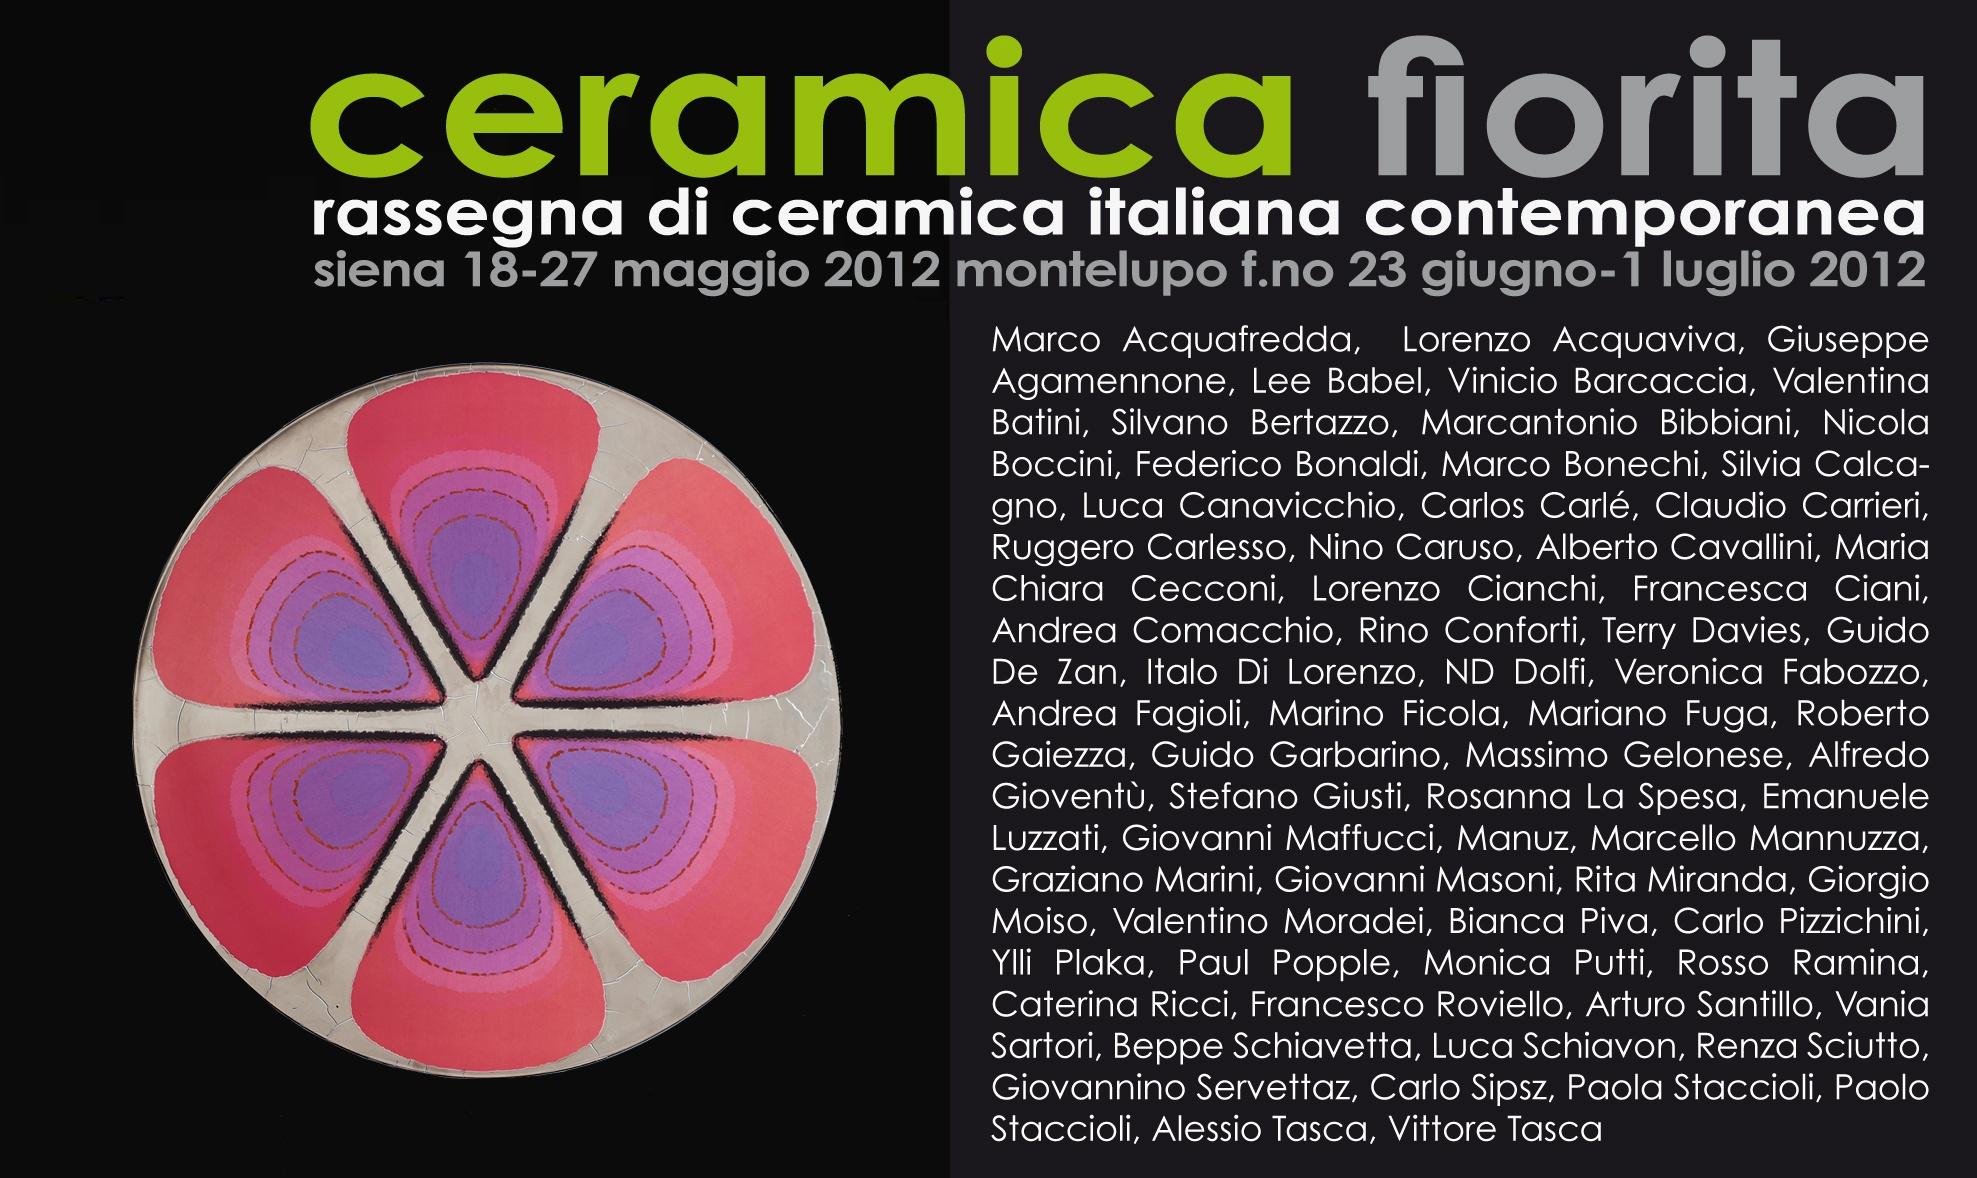 Nicola Boccini ceramic art exhibition siena ceramica fiorita Italy